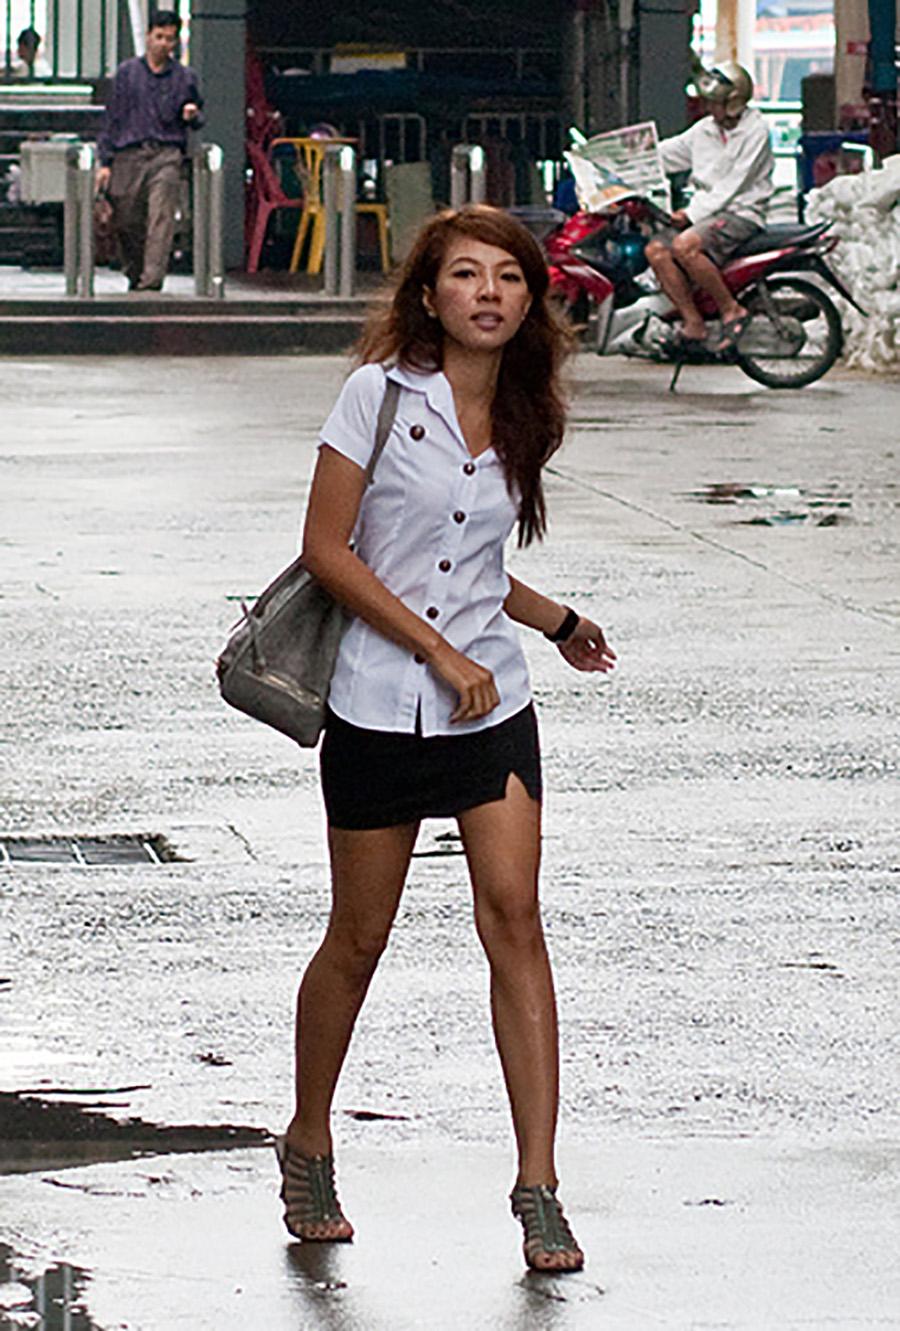 タイの美人JD、オカズを振りまく大快挙!!(画像あり)・30枚目